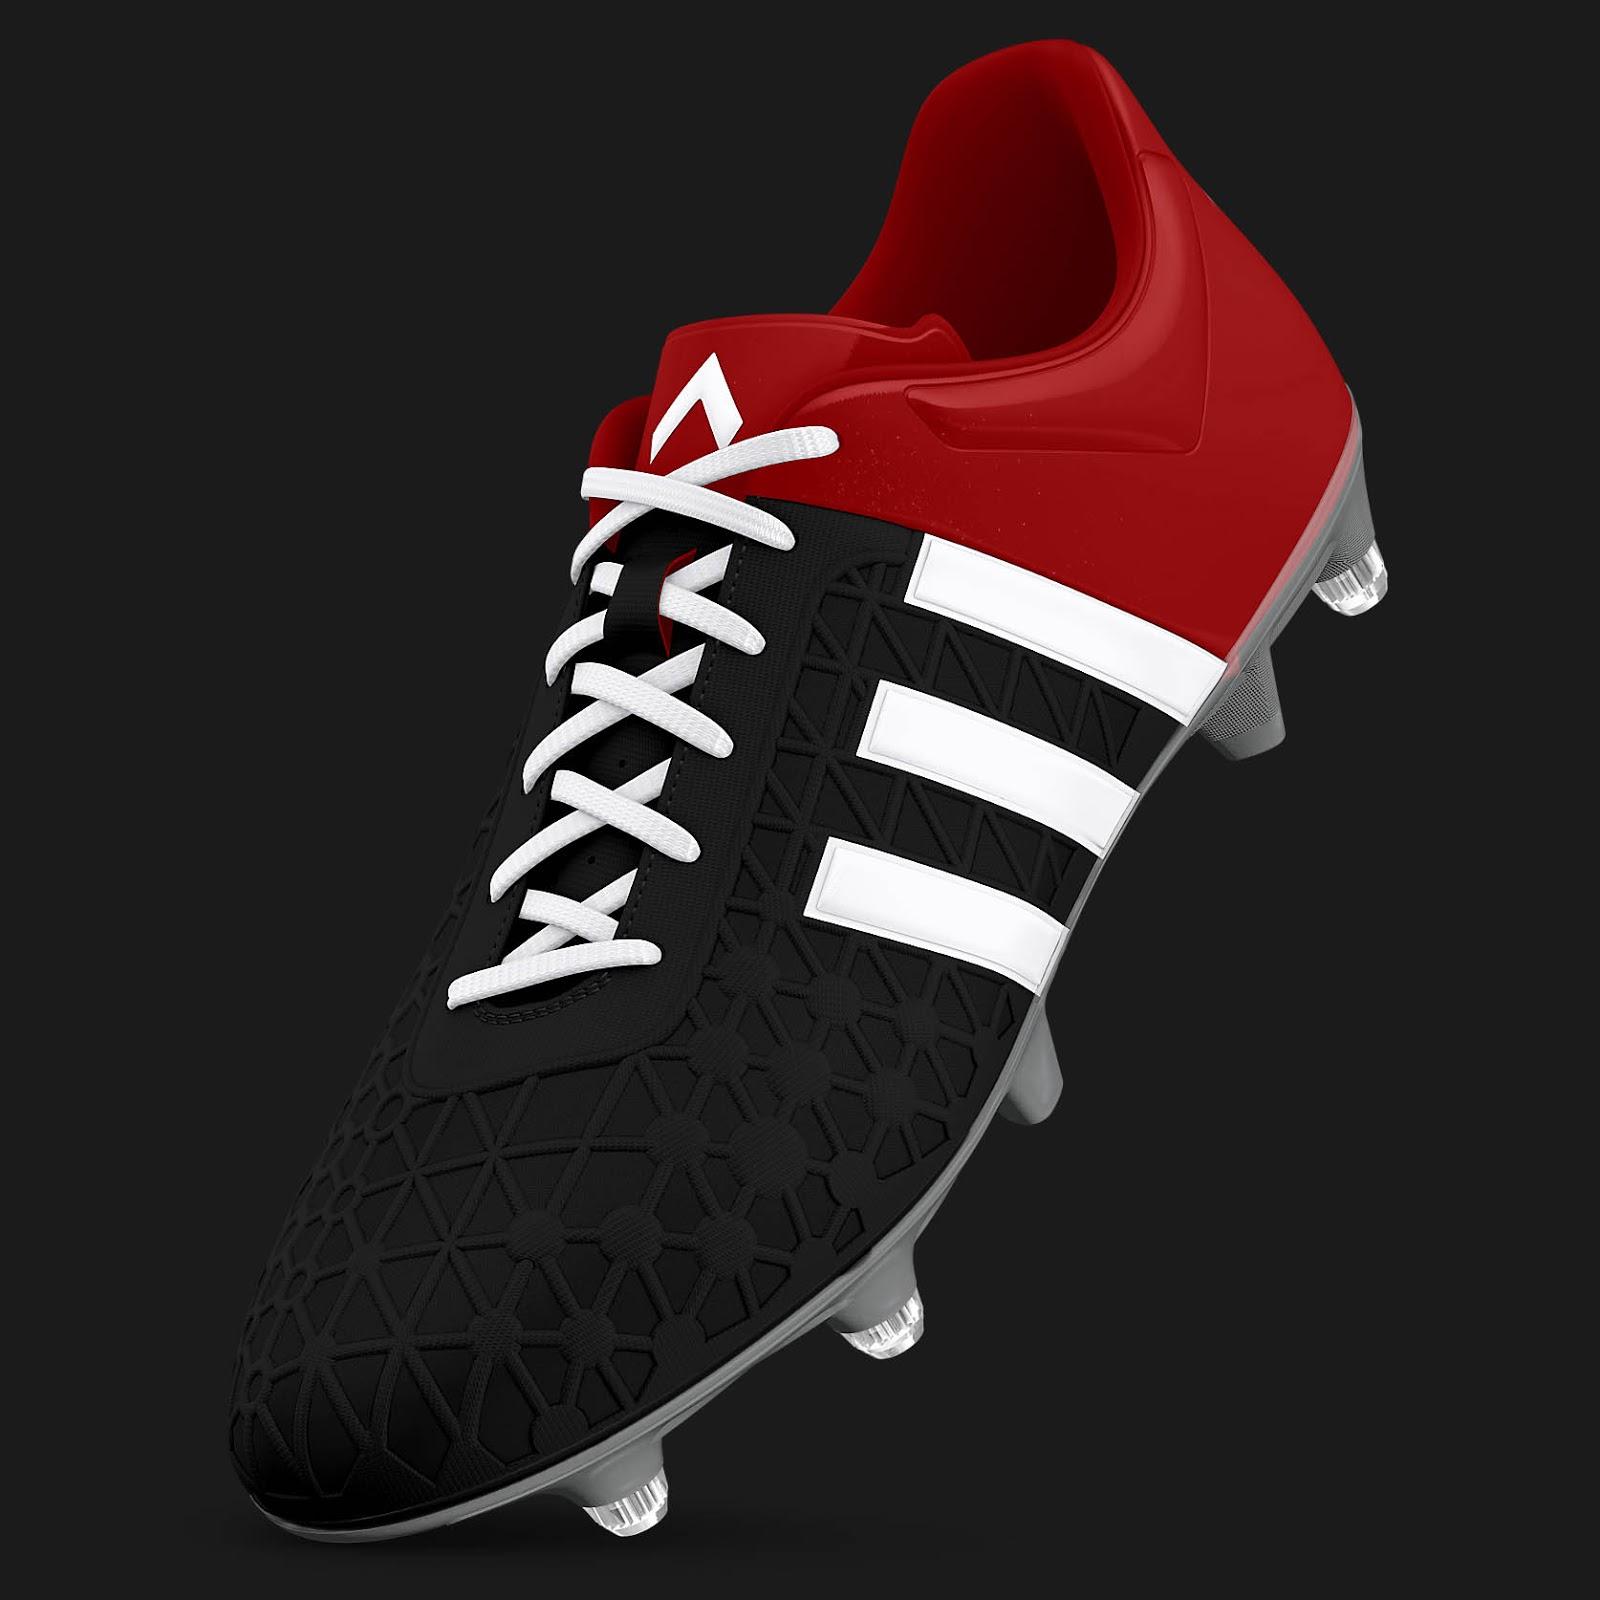 21ac0ee0aeab ... real custom adidas ace 15.3 soccer boots. e86d9 f41d8